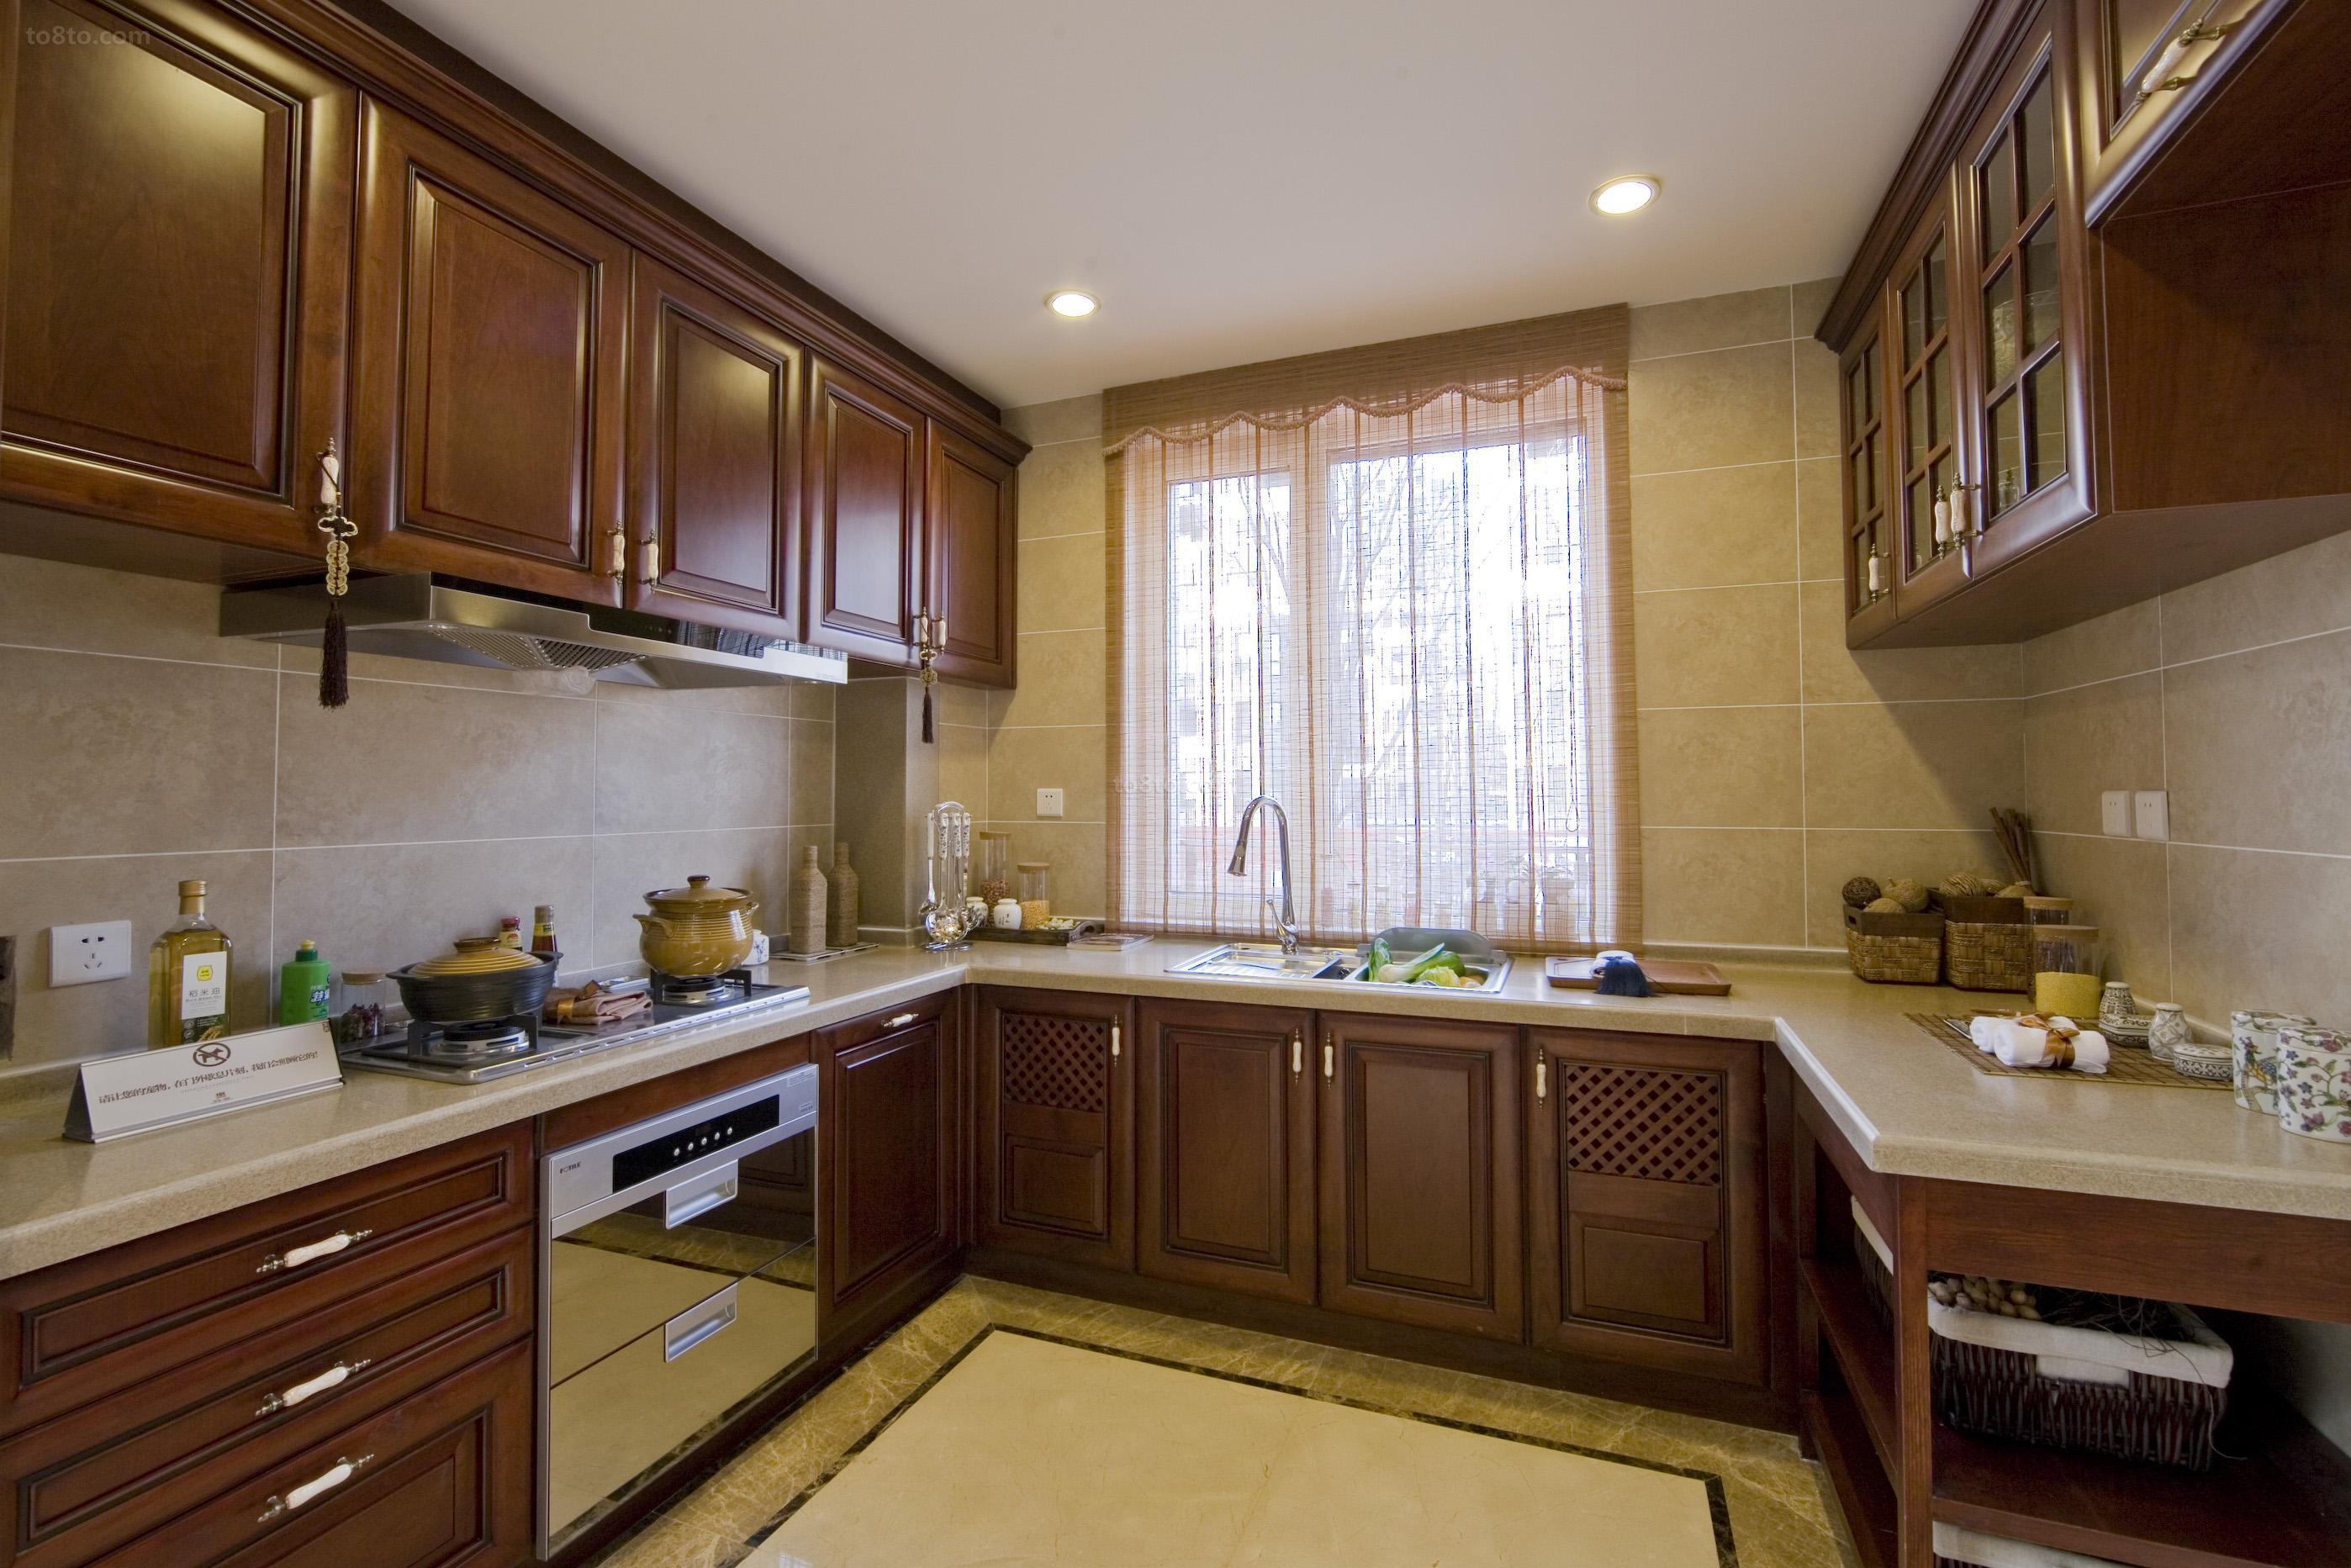 中式风格厨房装修效果图欣赏大全